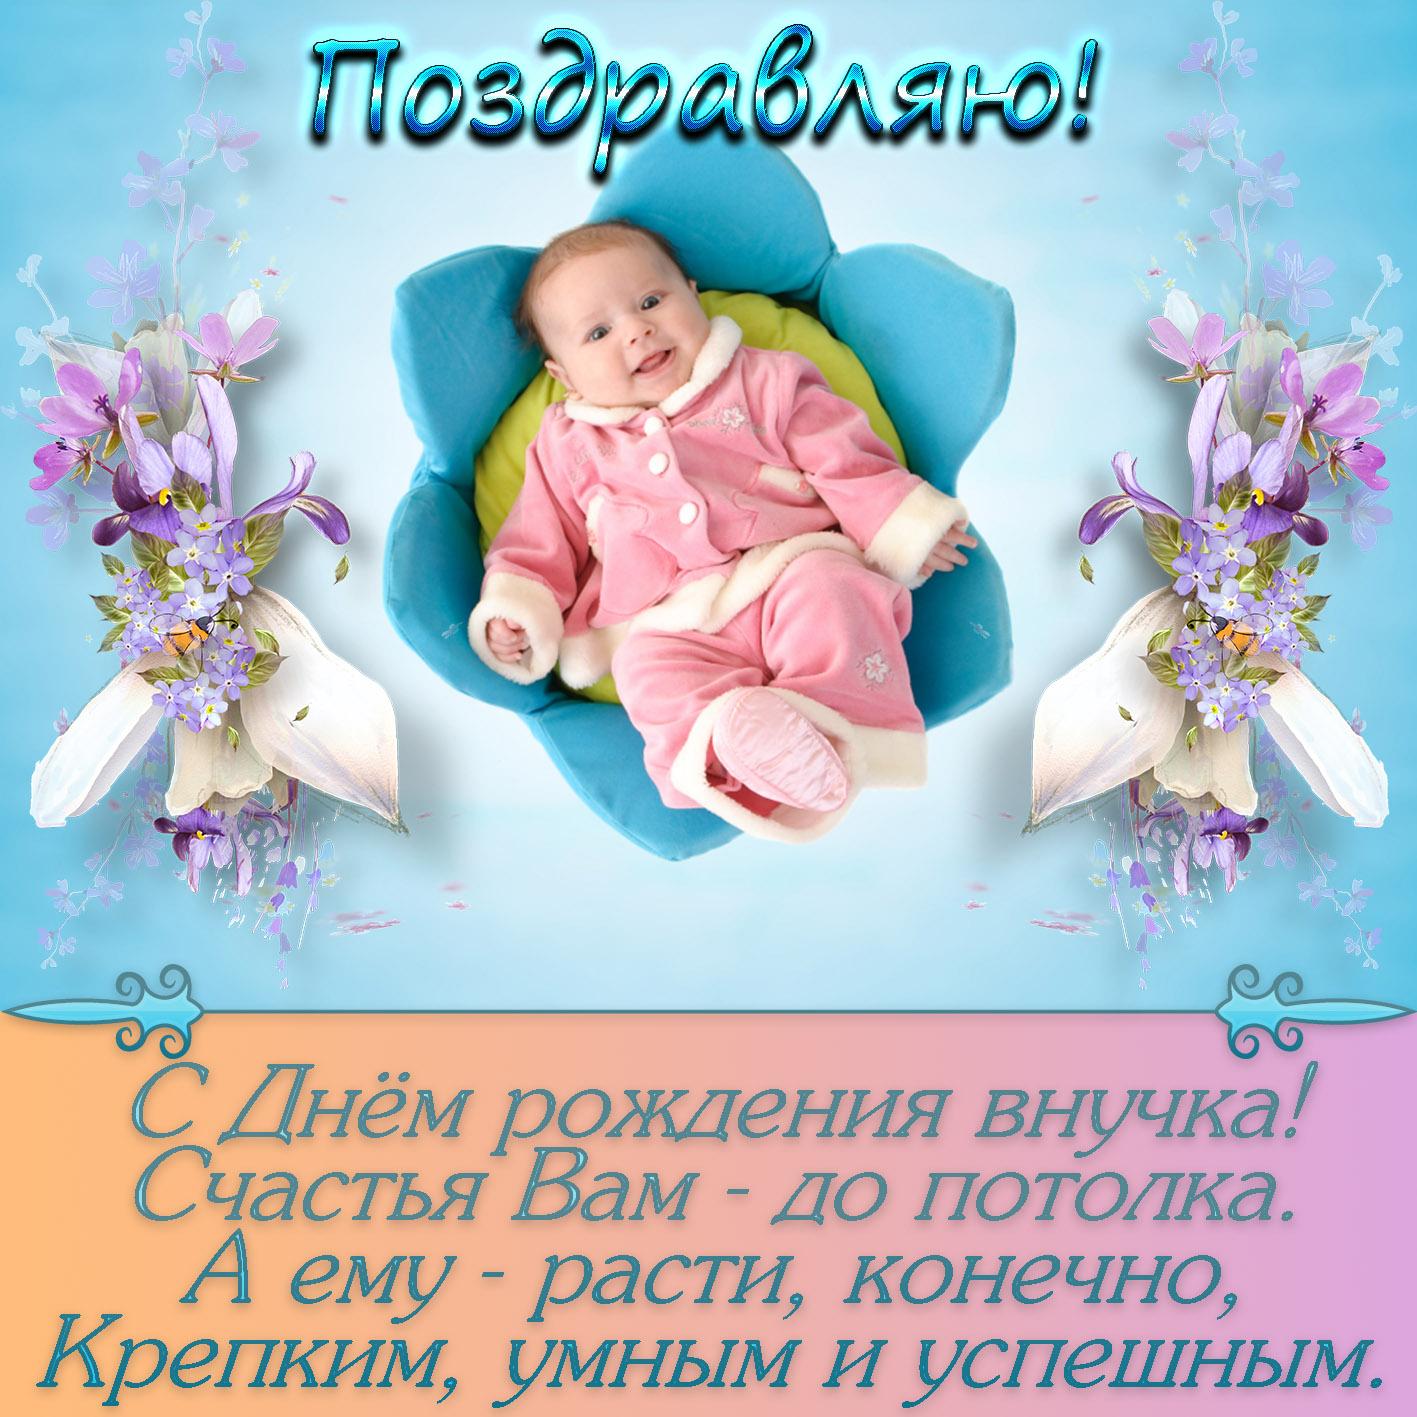 Интересные новый, поздравление для бабушки с рождением внука открытка